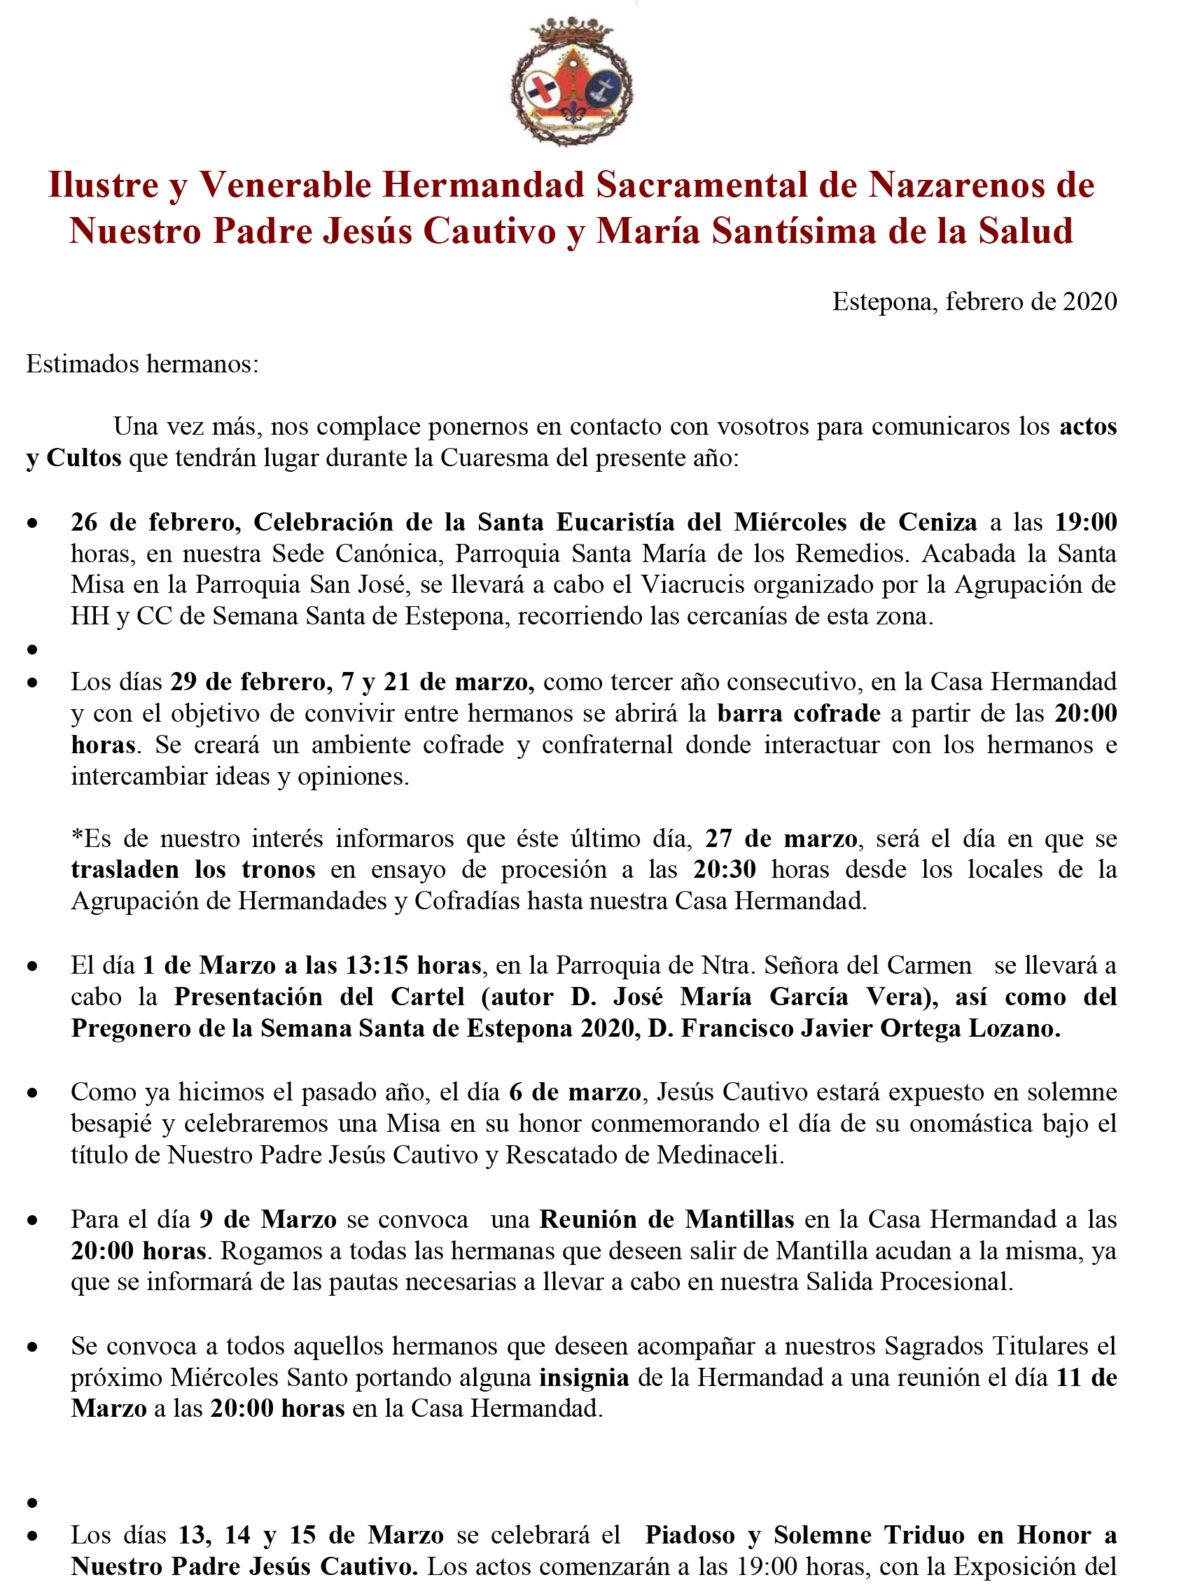 Carta-Febrero-2020-1-1200x1589.jpg